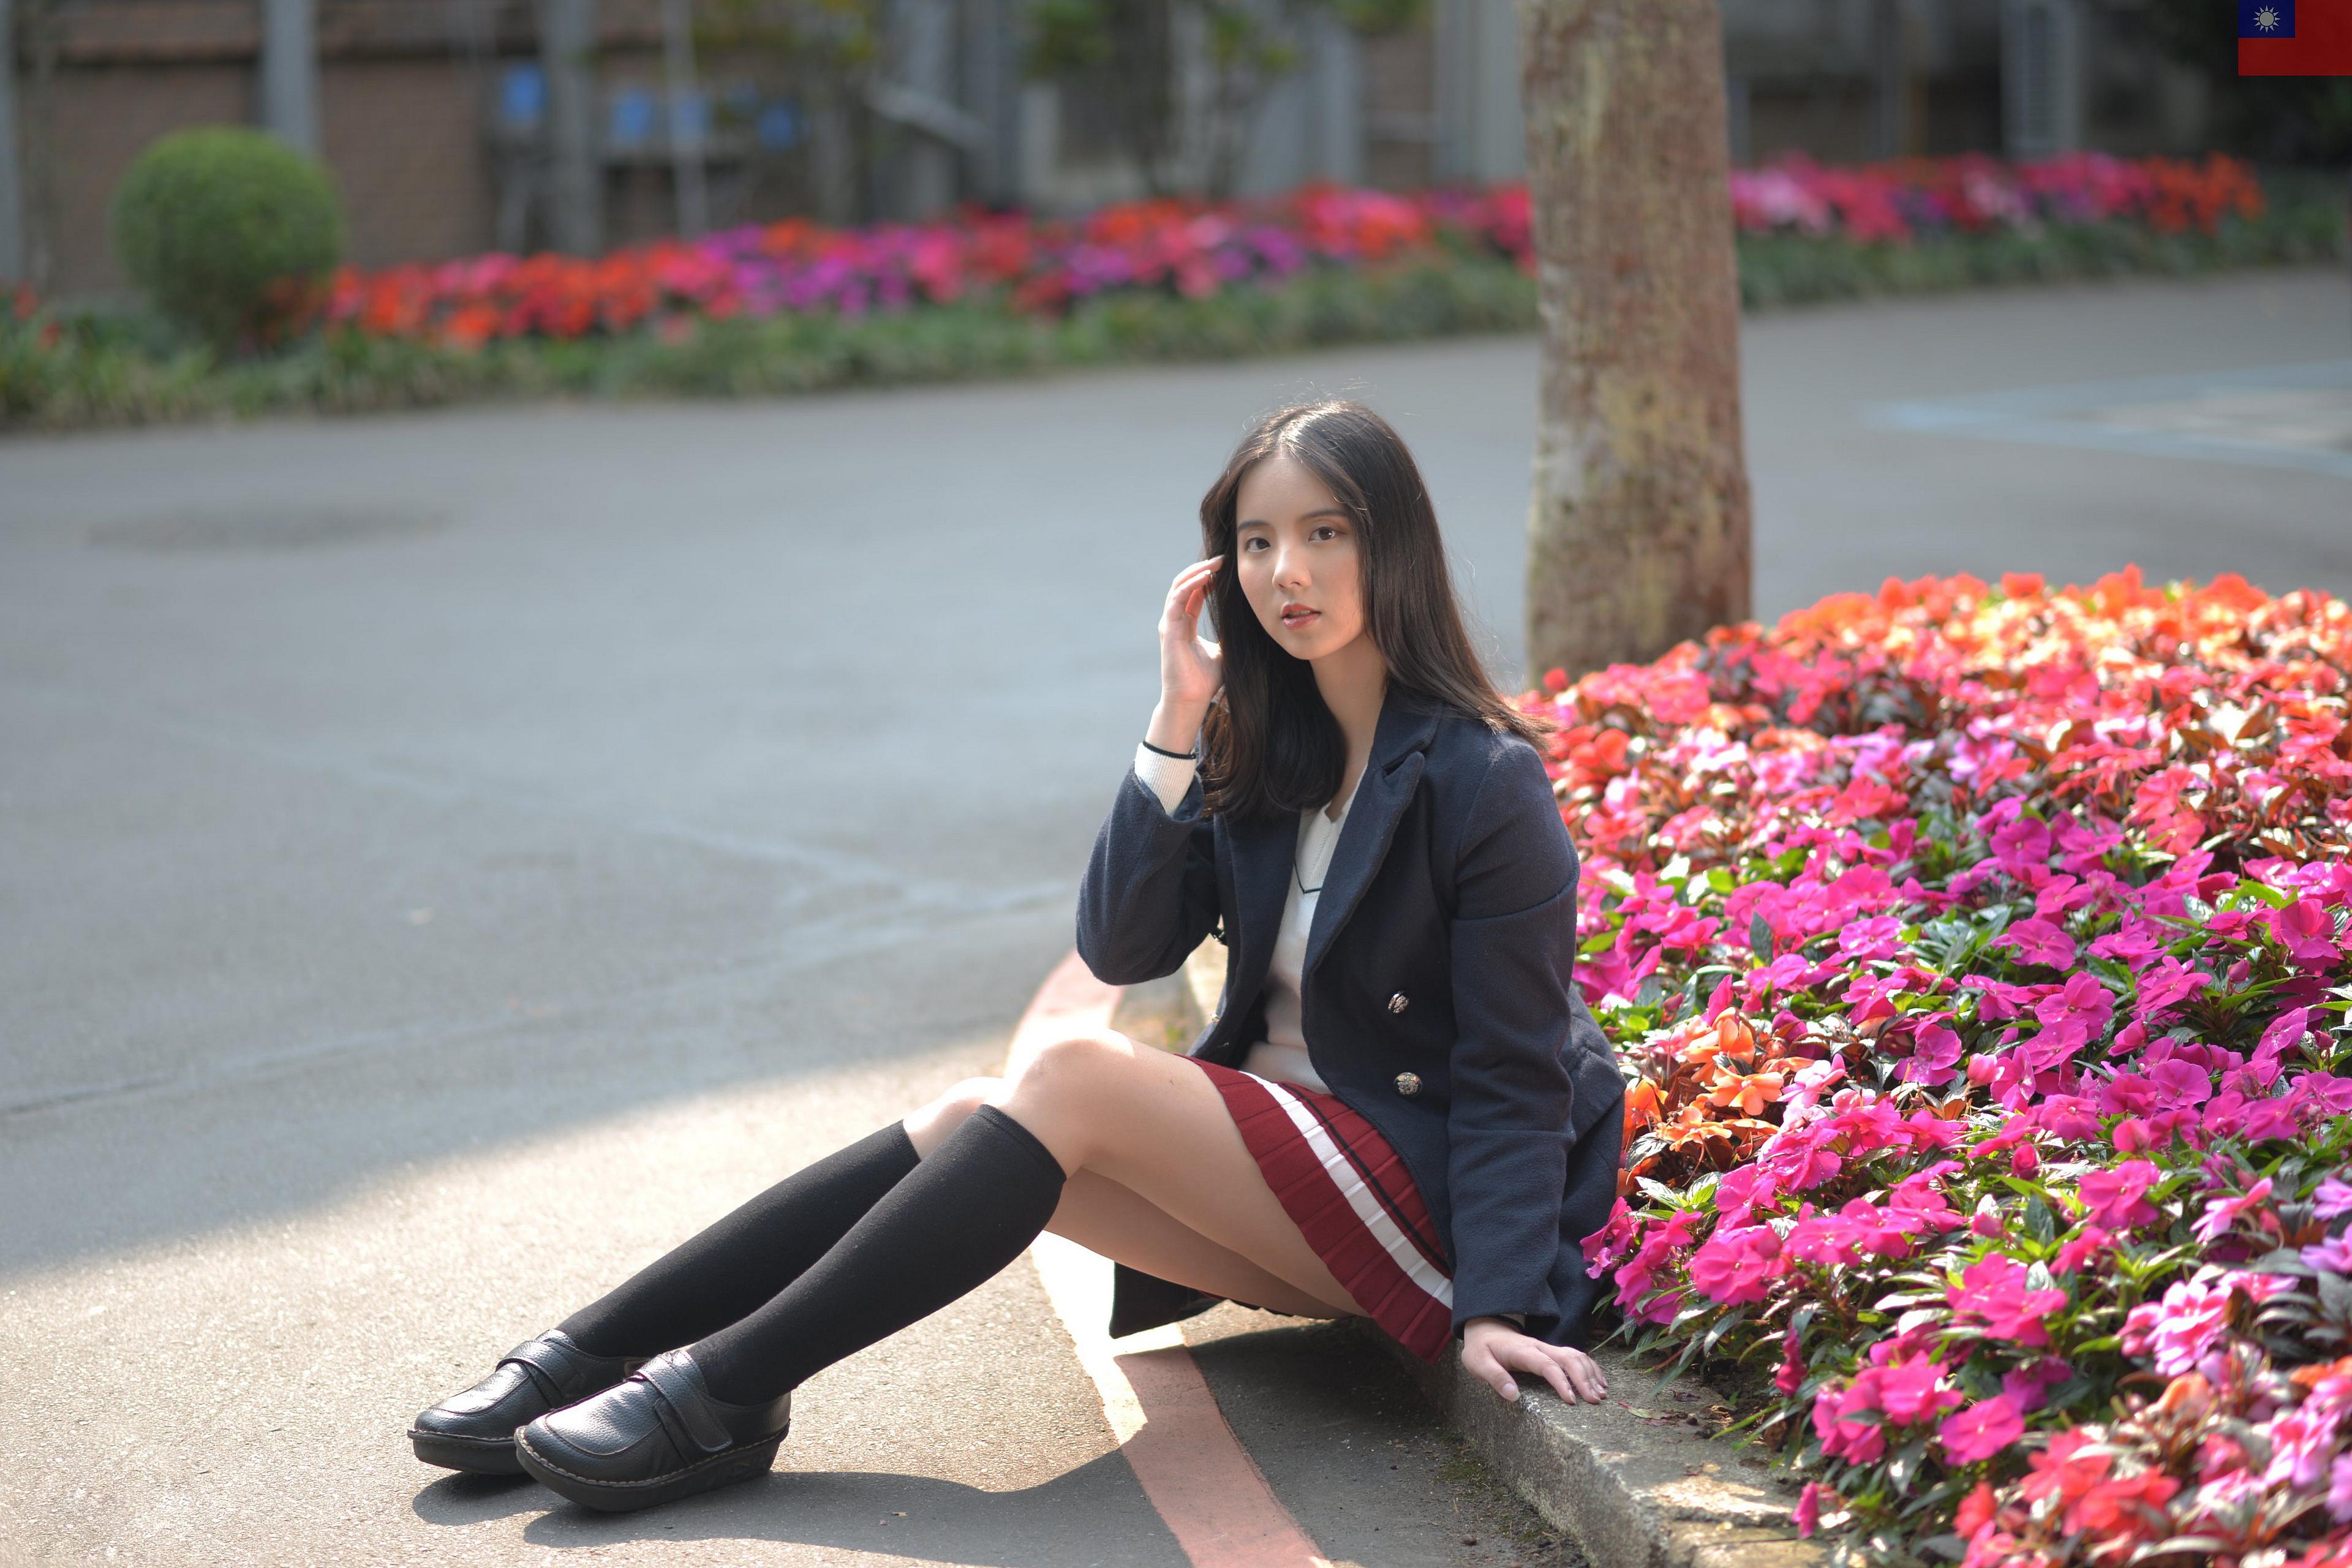 Bilder von Brünette Long Socken Mädchens Bein Asiatische sitzen Sakko Starren junge frau junge Frauen Asiaten asiatisches sitzt Sitzend Blick